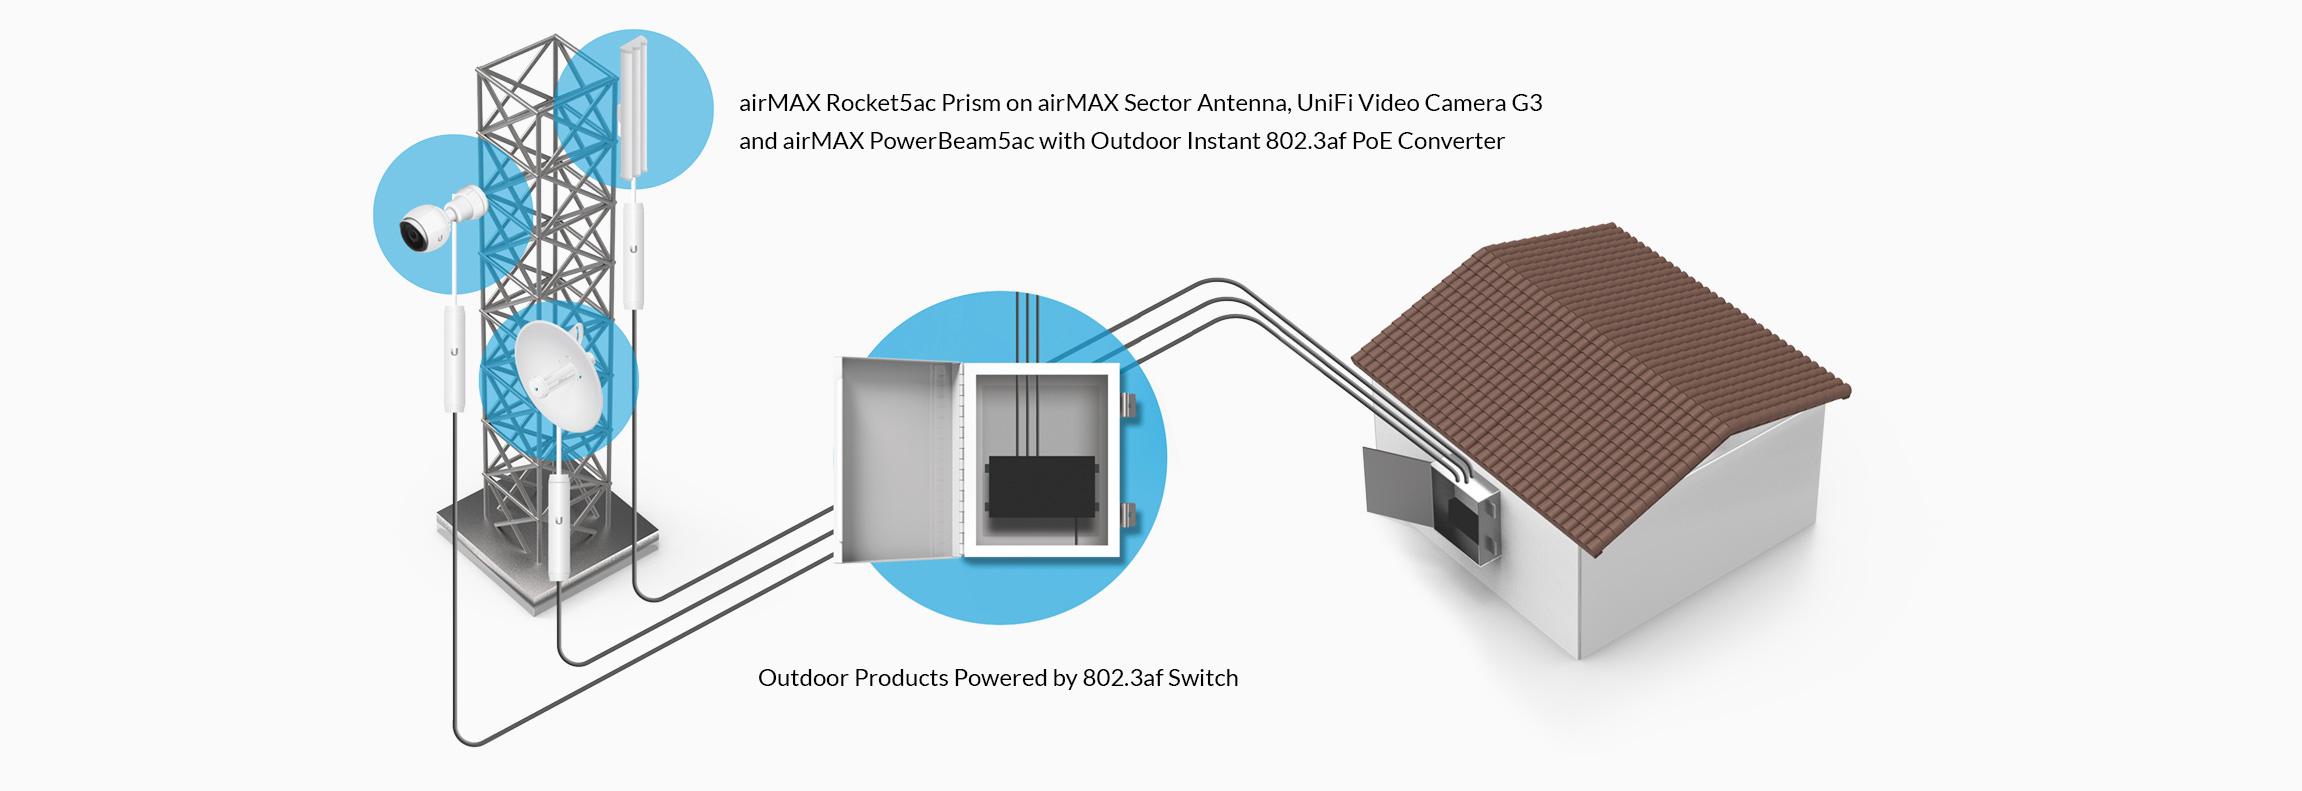 Ubiquiti INS-3AF-I-G Instant 802.3af Passive PoE to 802.3af Adapter